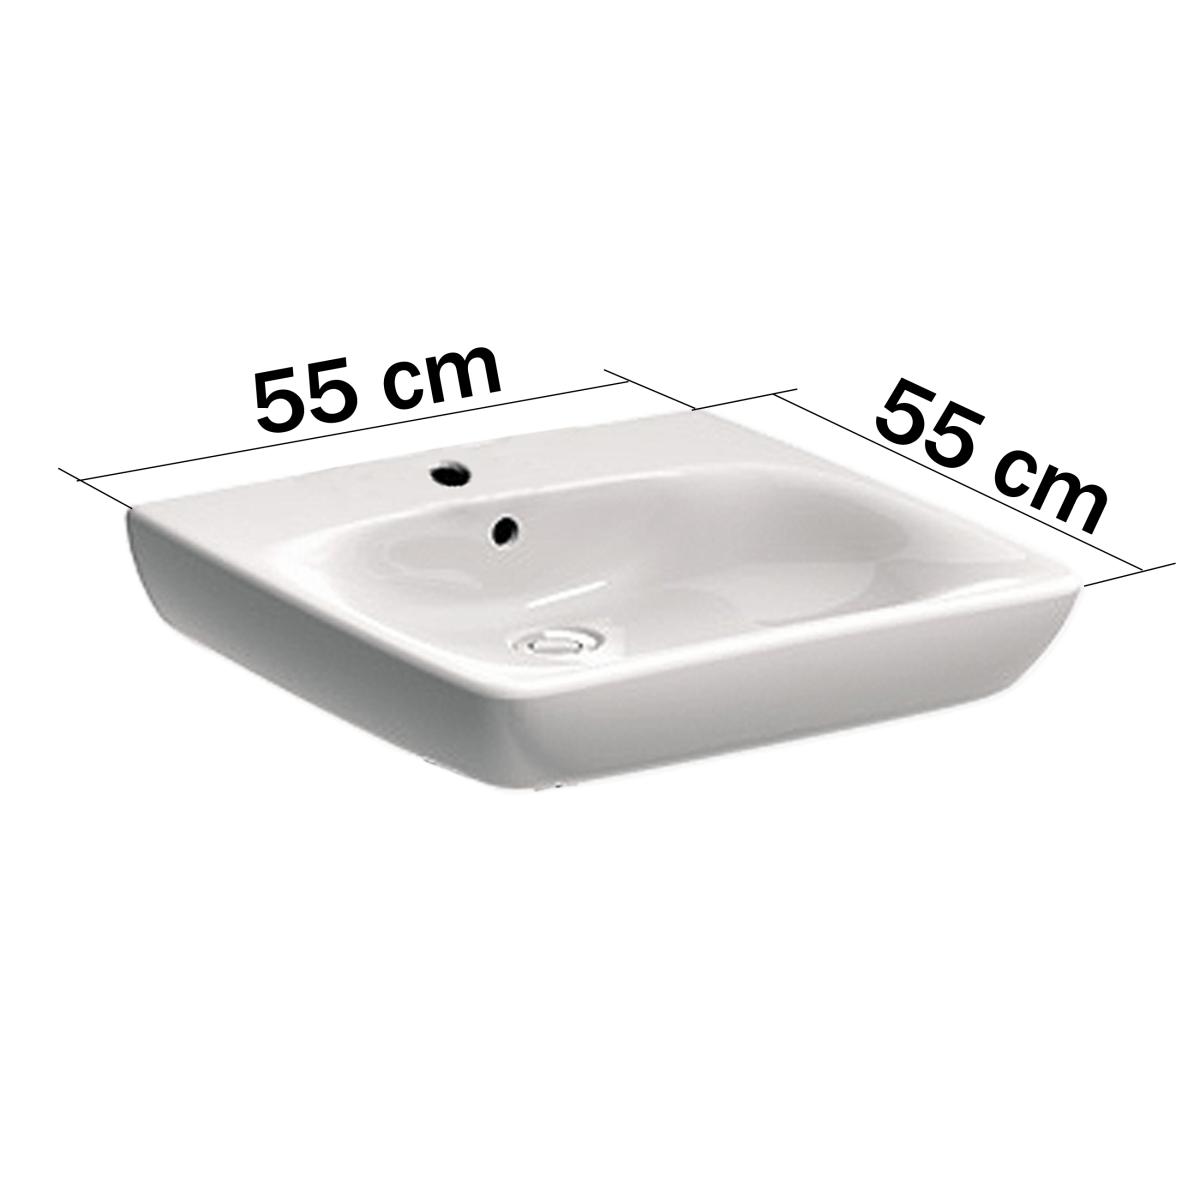 Unterfahrbare Waschtisch für barrierefreies Bad 55 x 55 cm ...